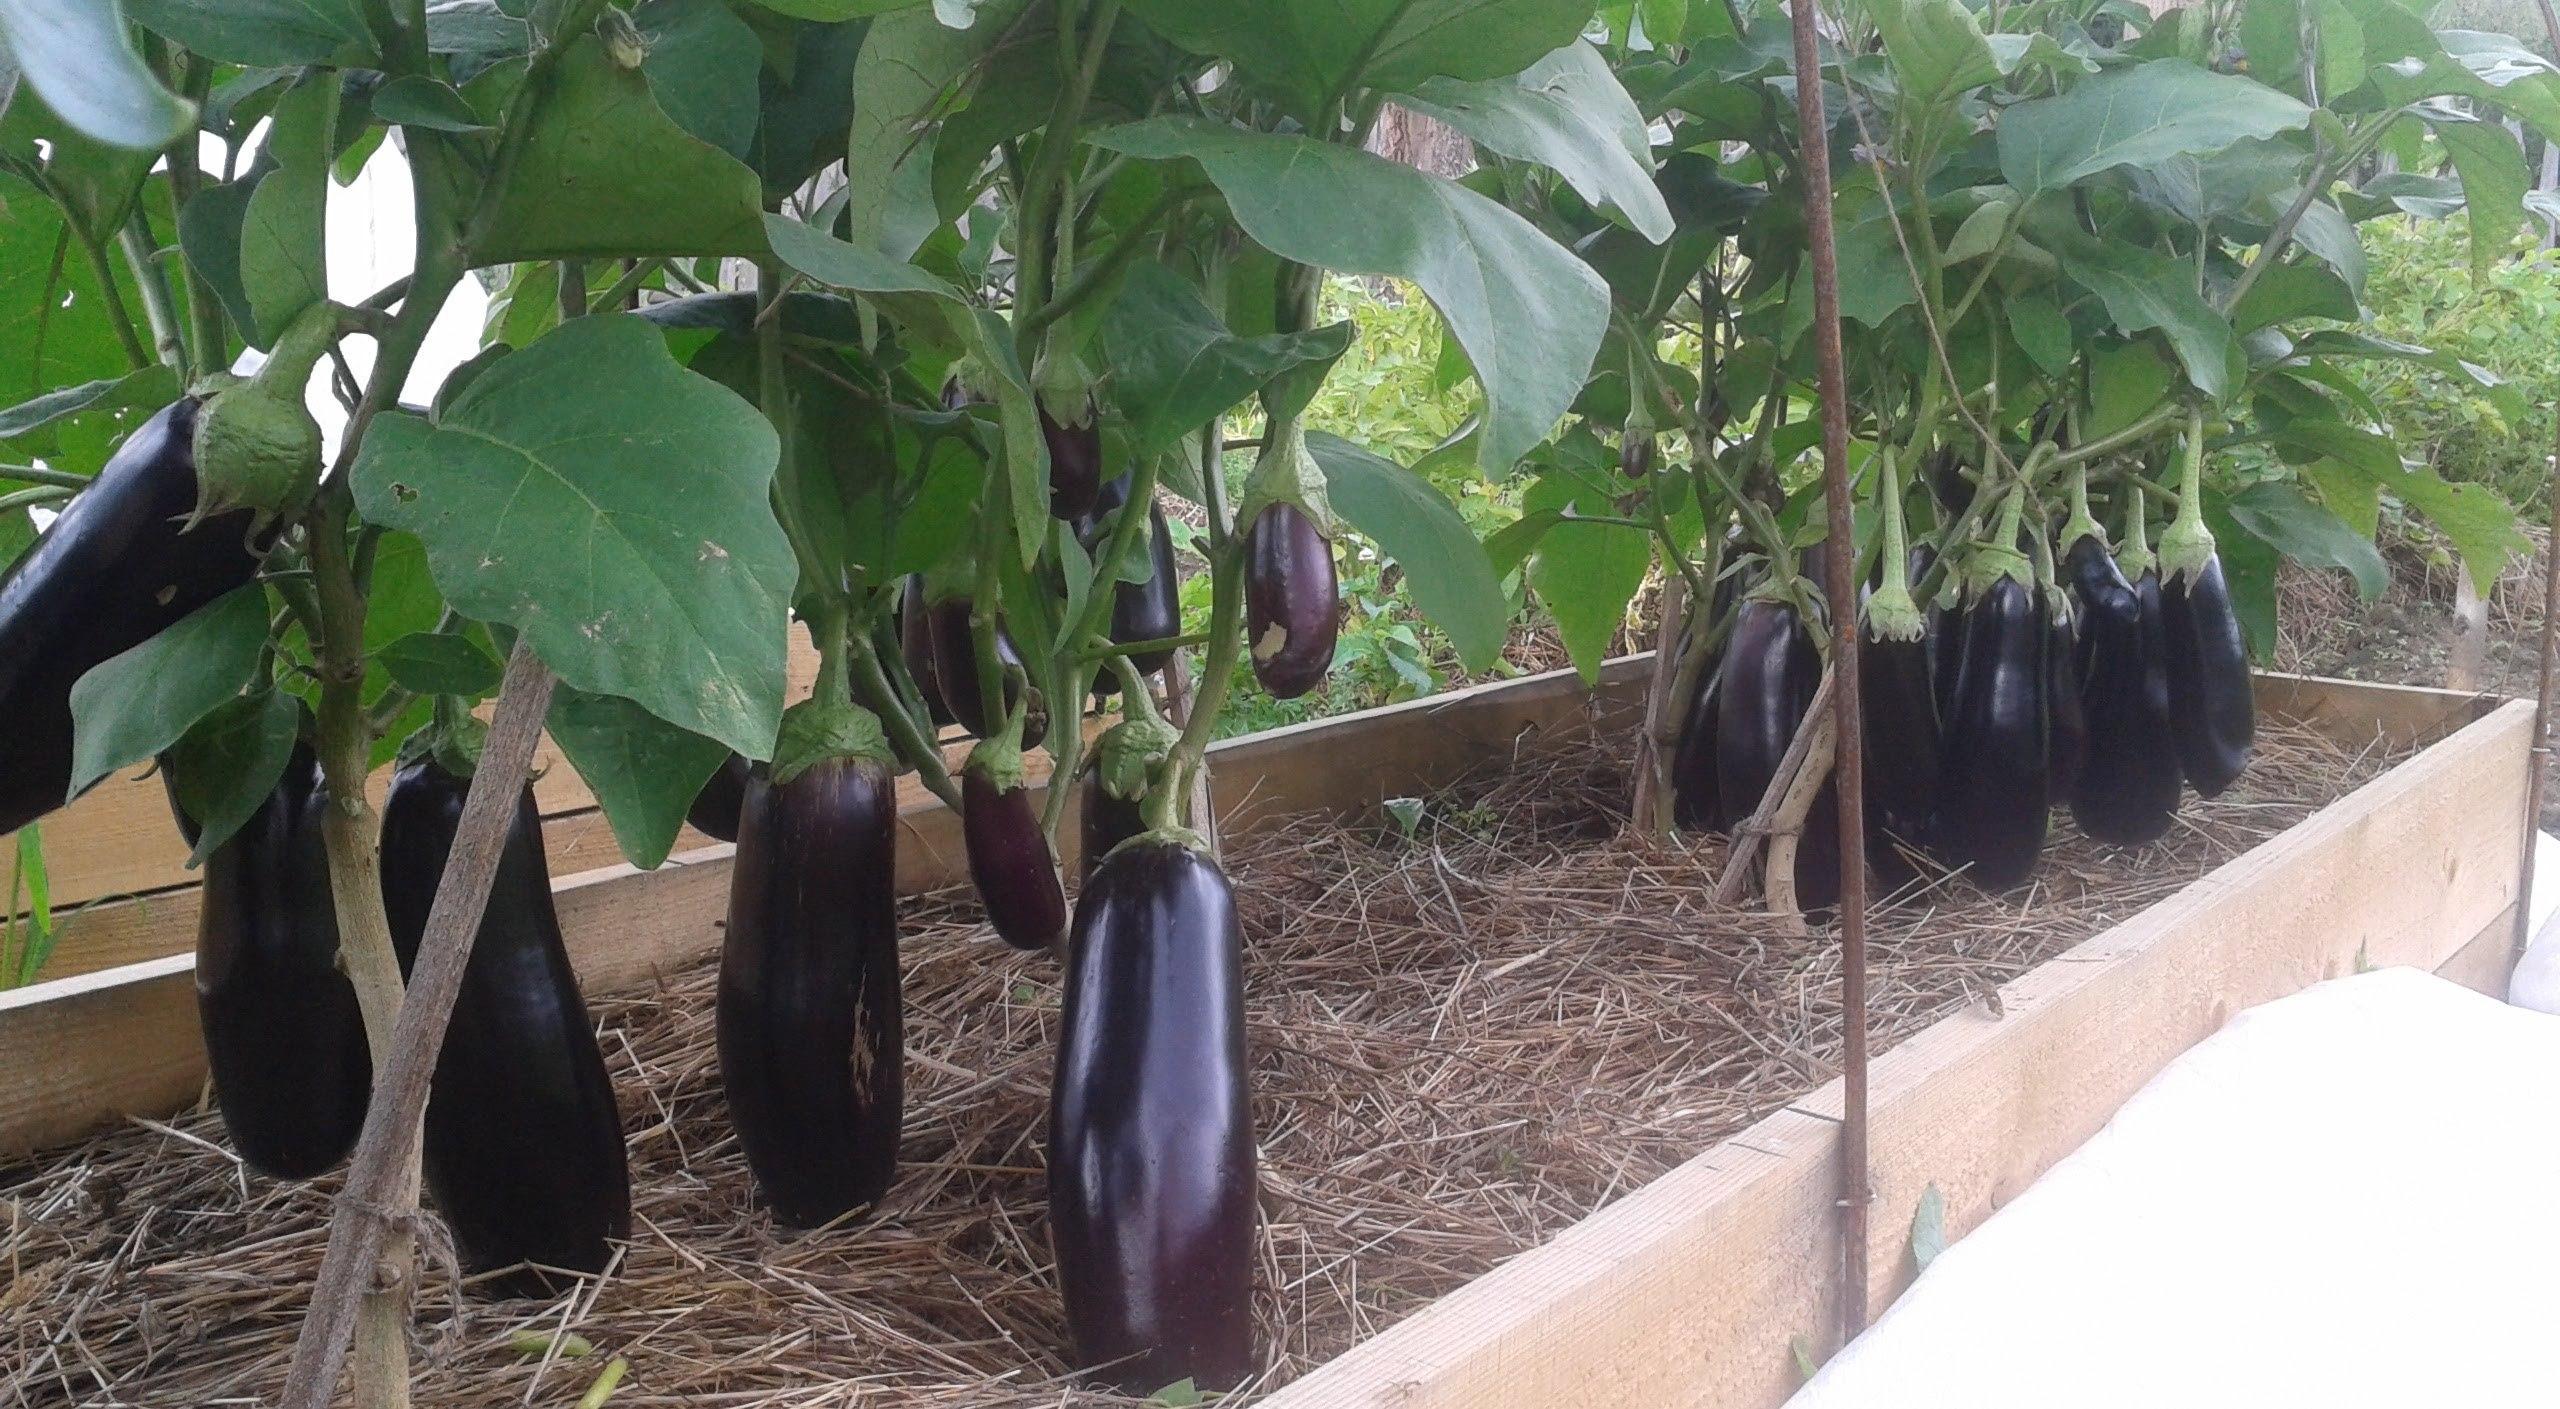 Устройство теплой грядки создает благоприятные условия для выращивания растений